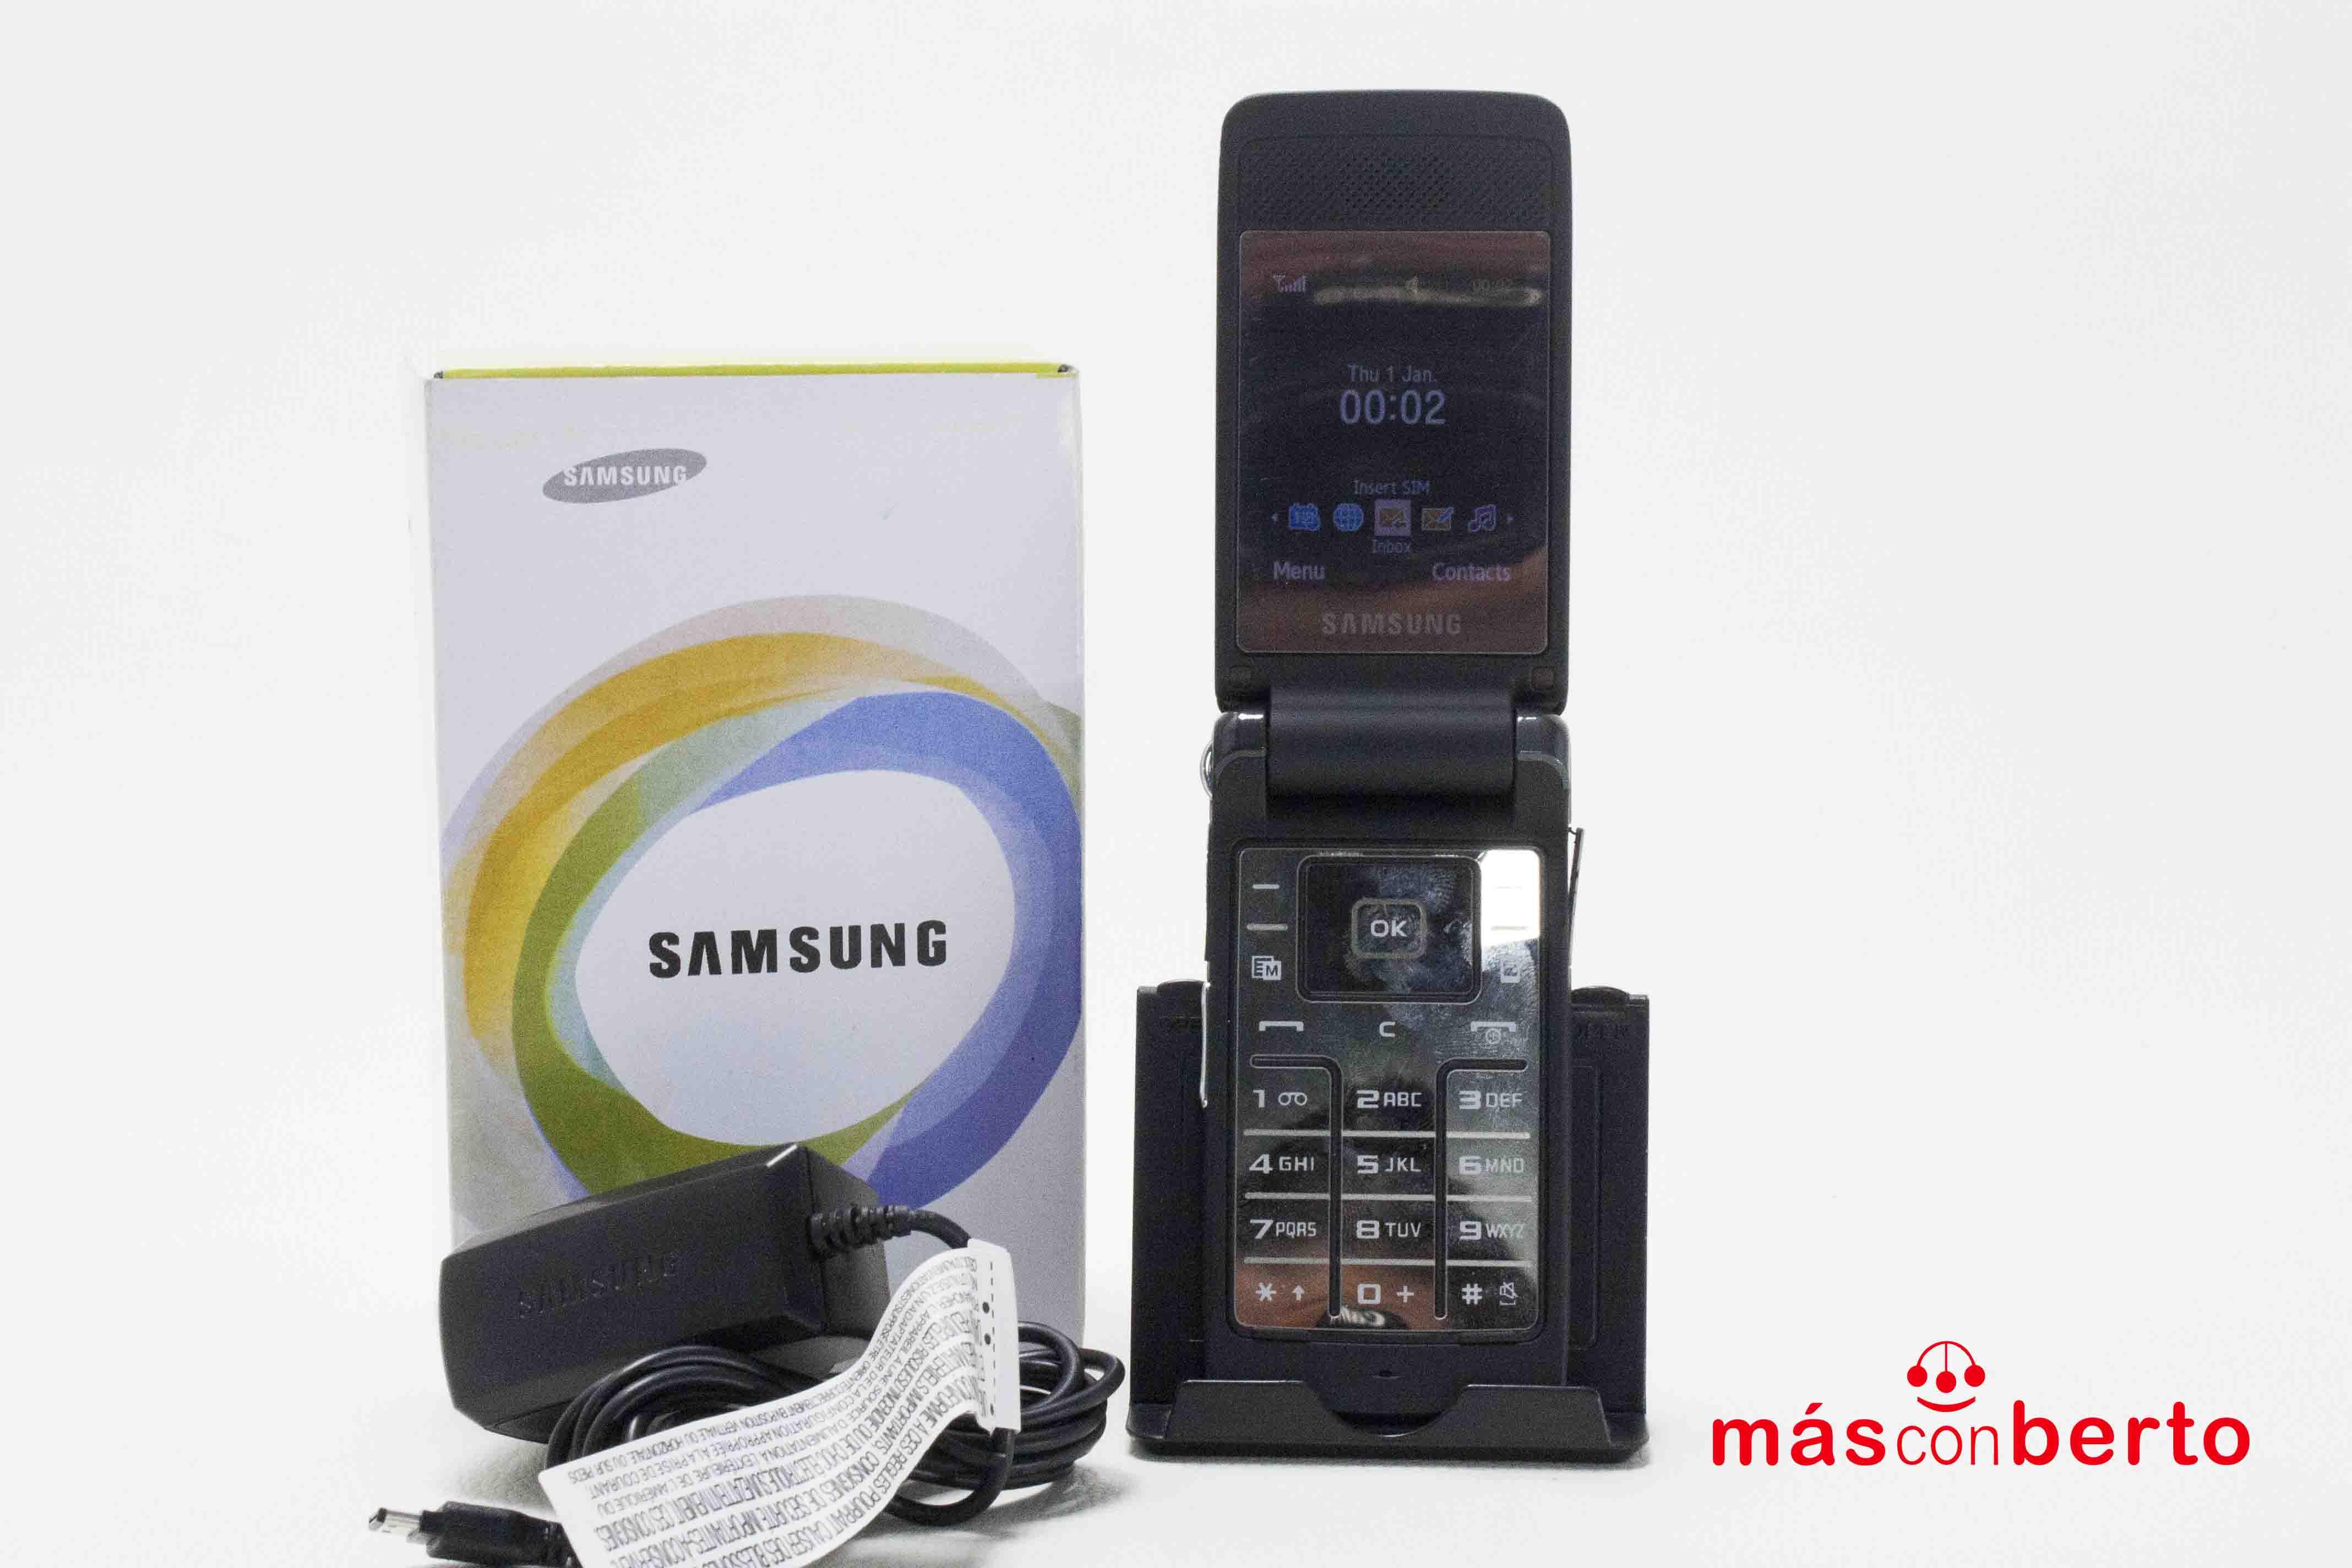 Móvil Samsung s3600i